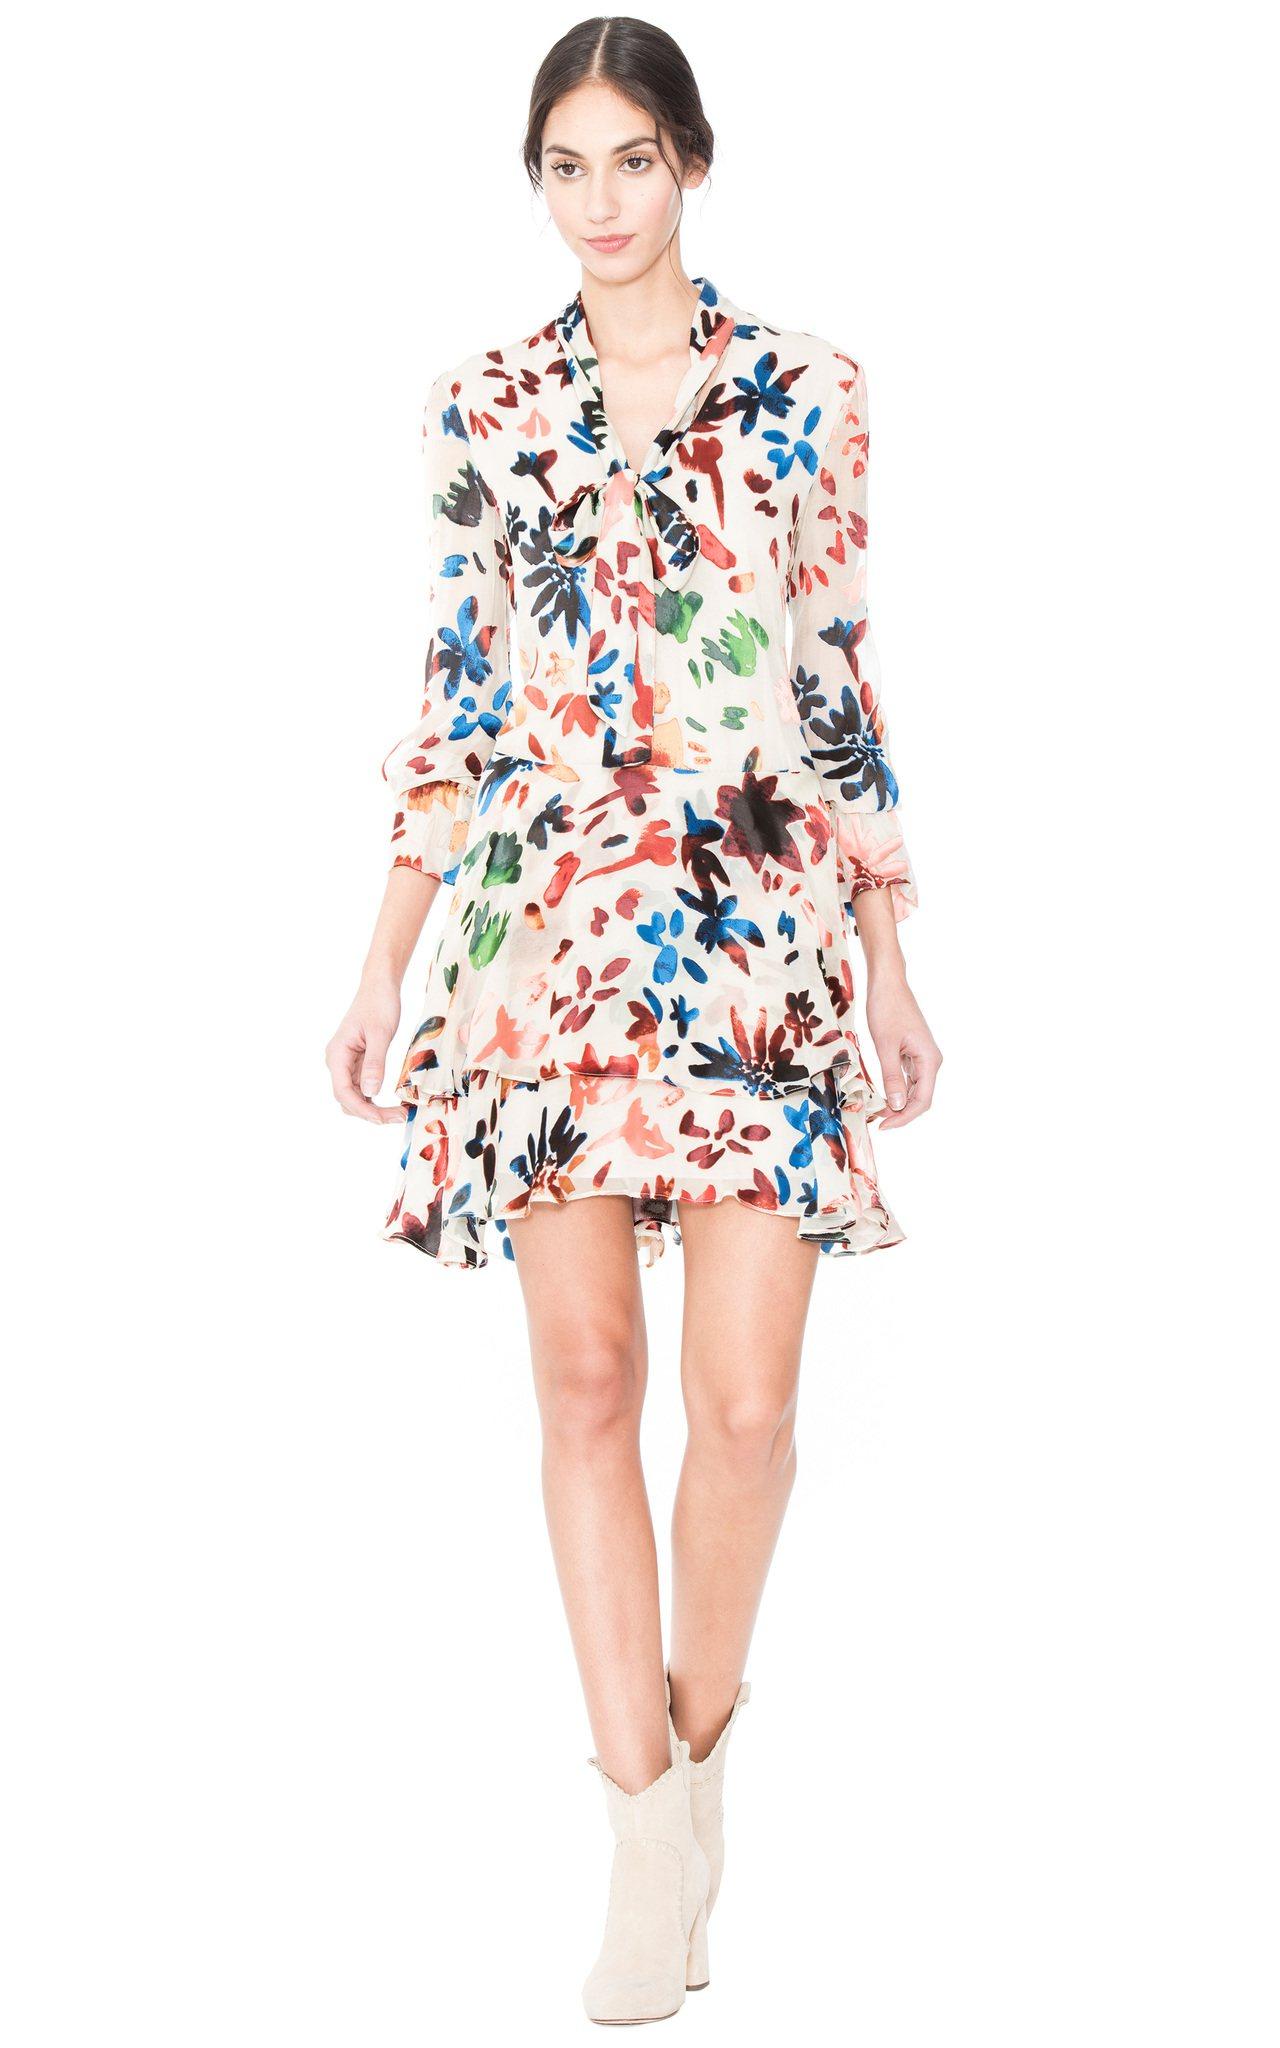 彩色印花洋裝,1萬9900元。